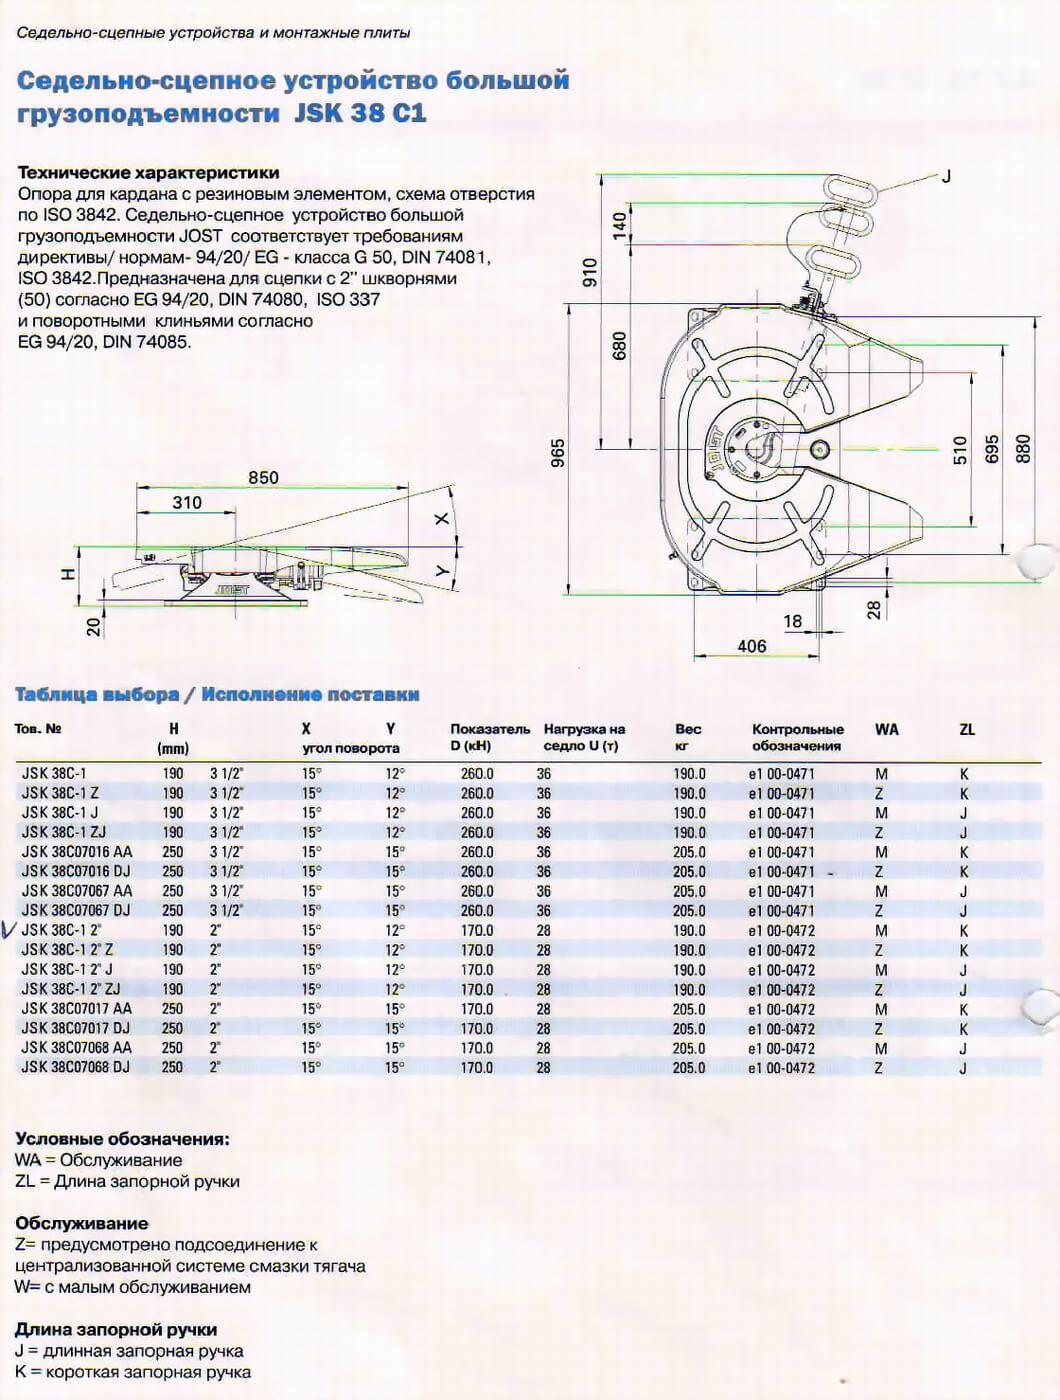 Седельно-сцепное устройство - седло JSK 38 С1, Jost Rockinger